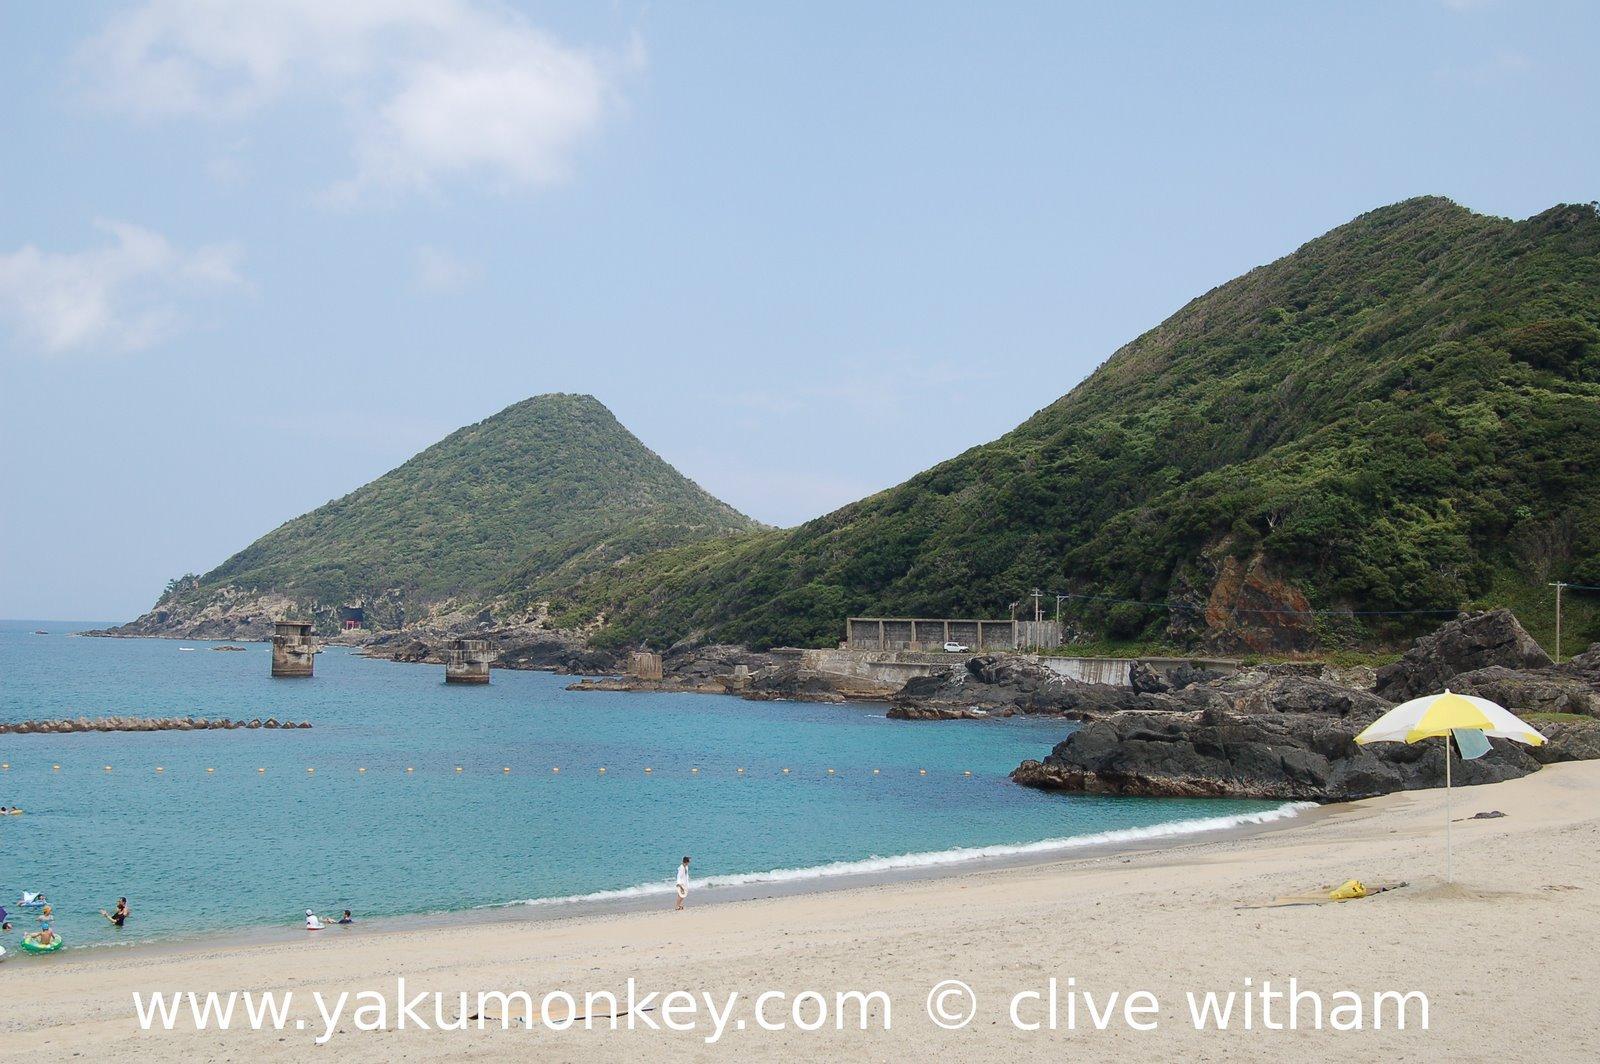 Isso beach - Yakushima